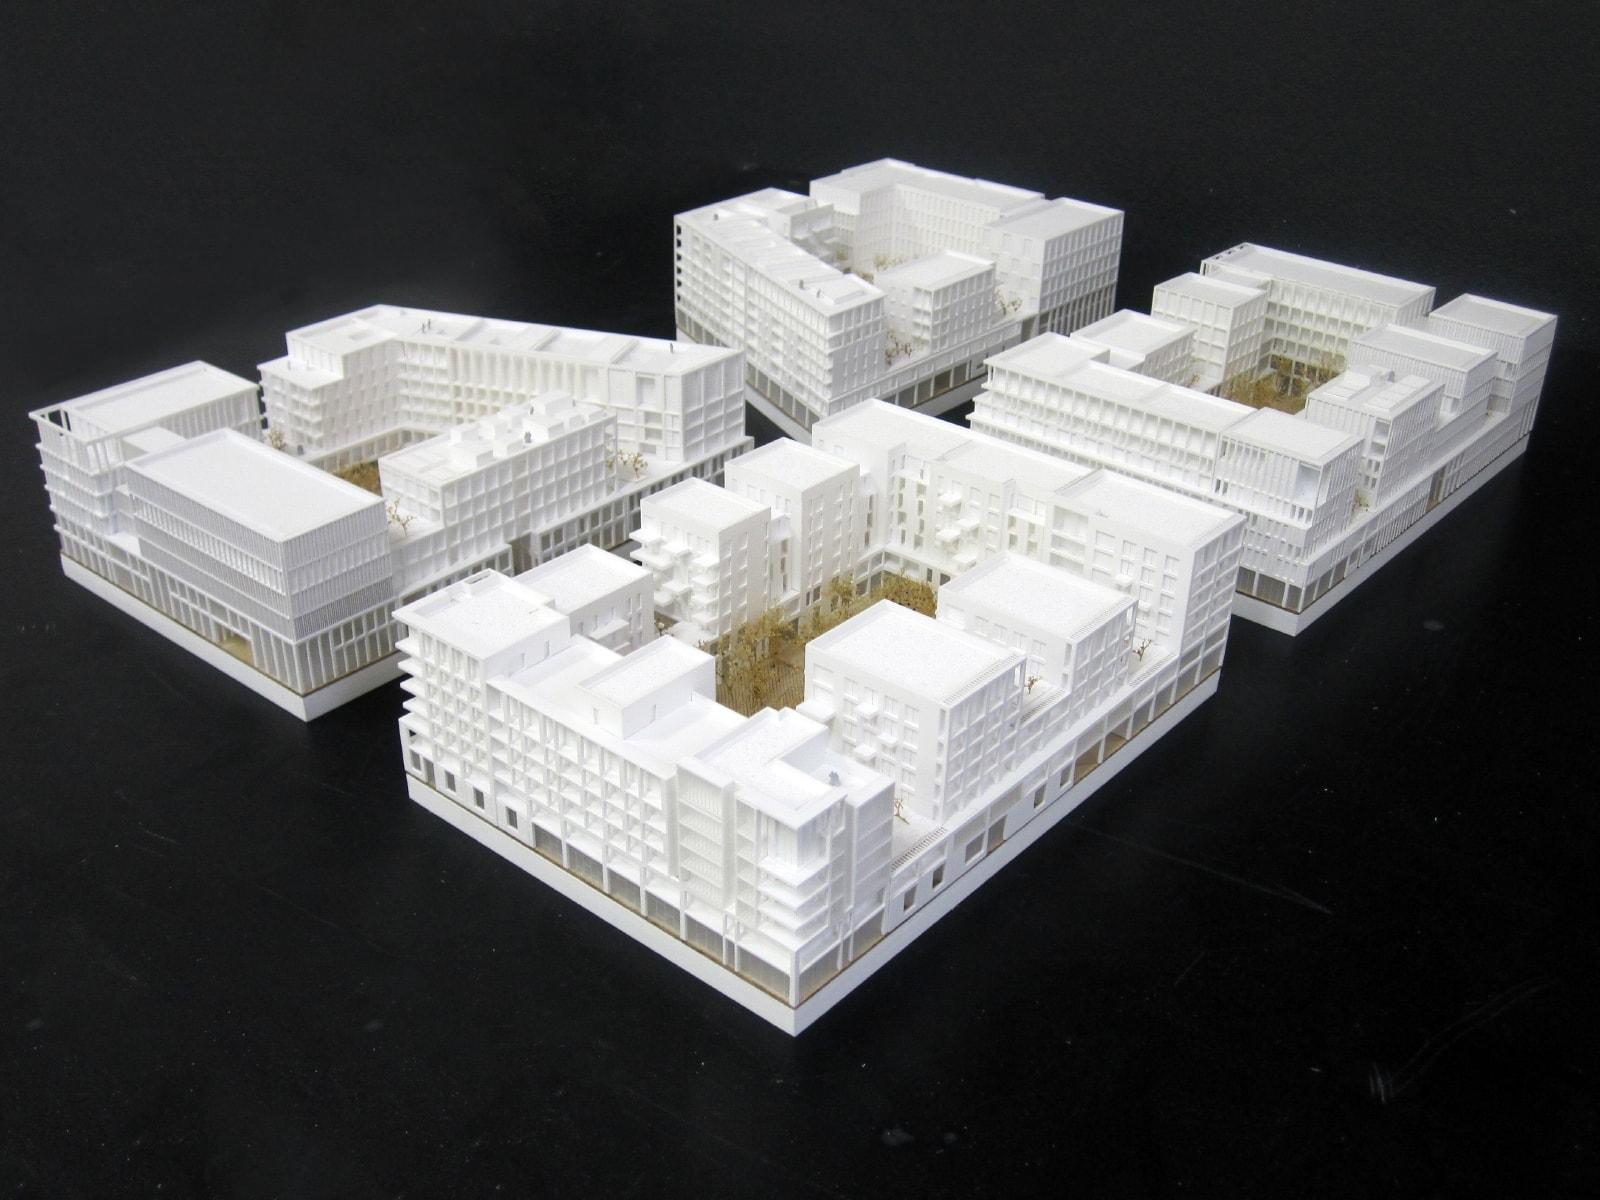 maquette de concours lumineuse pour sud architectes, marie odile foucras, Ammeller Dubois et A+ Samul Delmas